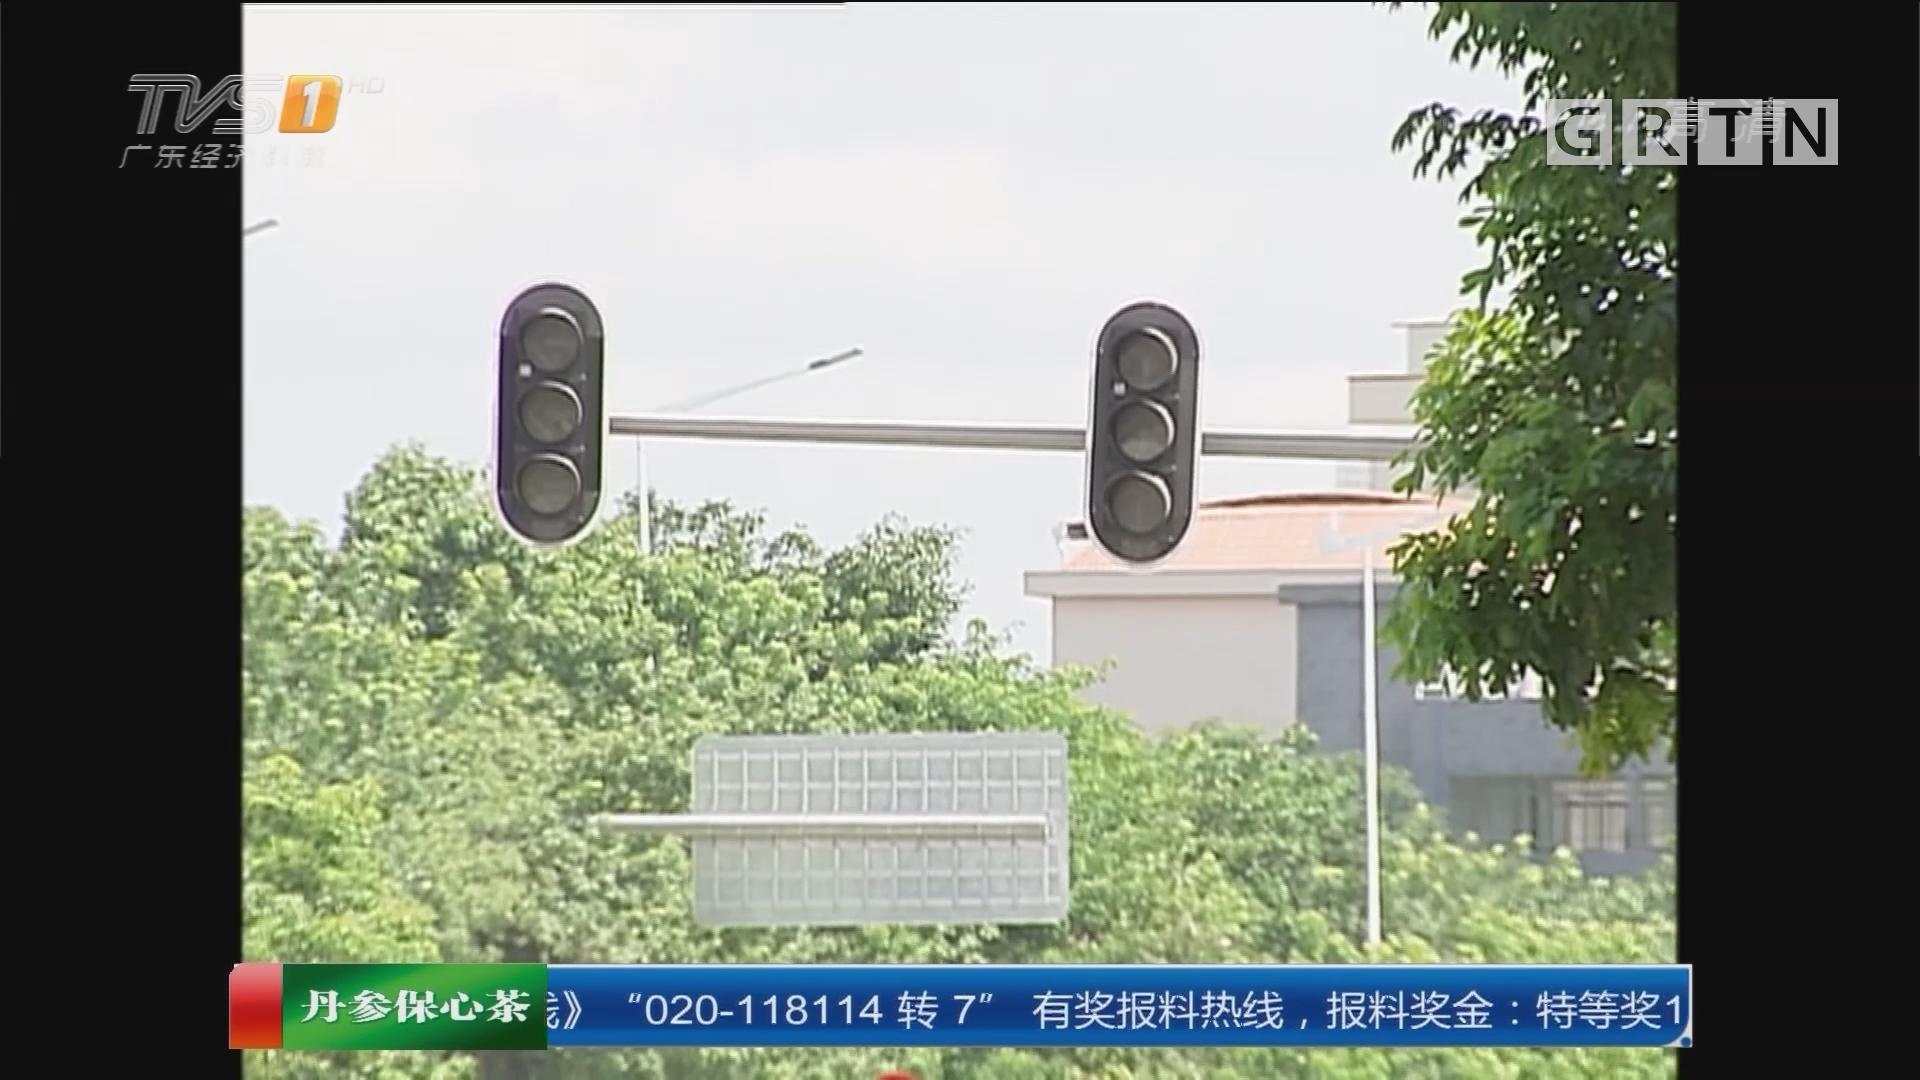 广州:红绿灯架设常年不亮 街坊出行提心吊胆